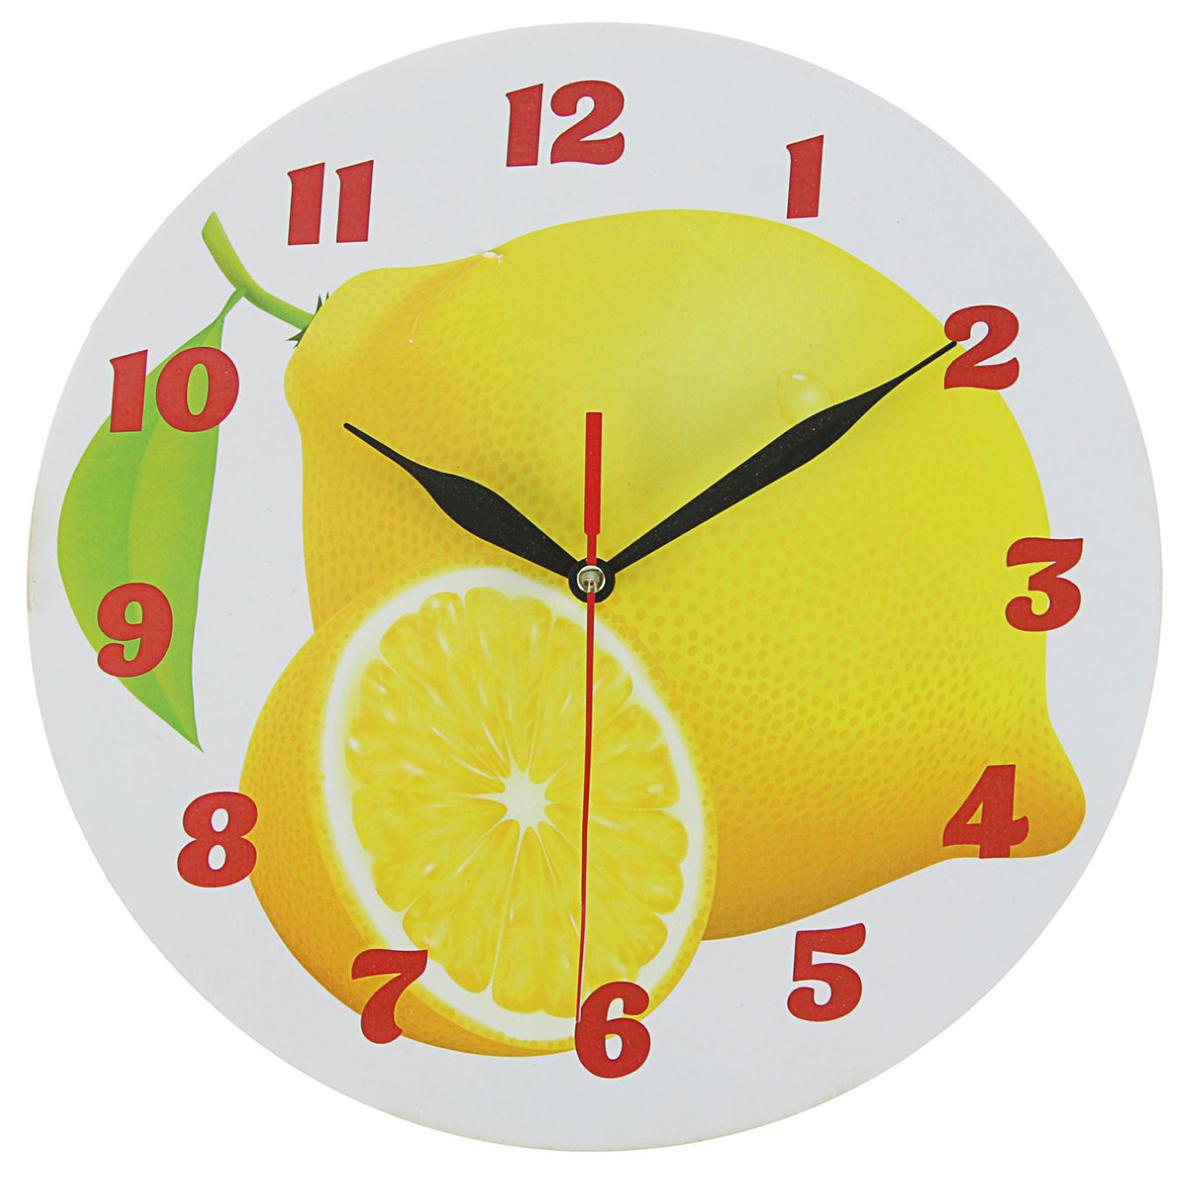 Часы настенные Лимоны, диаметр 25 см2497883— сувенир в полном смысле этого слова. И главная его задача — хранить воспоминание о месте, где вы побывали, или о том человеке, который подарил данный предмет. Преподнесите эту вещь своему другу, и она станет достойным украшением его дома. Каждому хозяину периодически приходит мысль обновить свою квартиру, сделать ремонт, перестановку или кардинально поменять внешний вид каждой комнаты. — привлекательная деталь, которая поможет воплотить вашу интерьерную идею, создать неповторимую атмосферу в вашем доме. Окружите себя приятными мелочами, пусть они радуют глаз и дарят гармонию.Часы Лимоны круглые, O 25 см 2497883